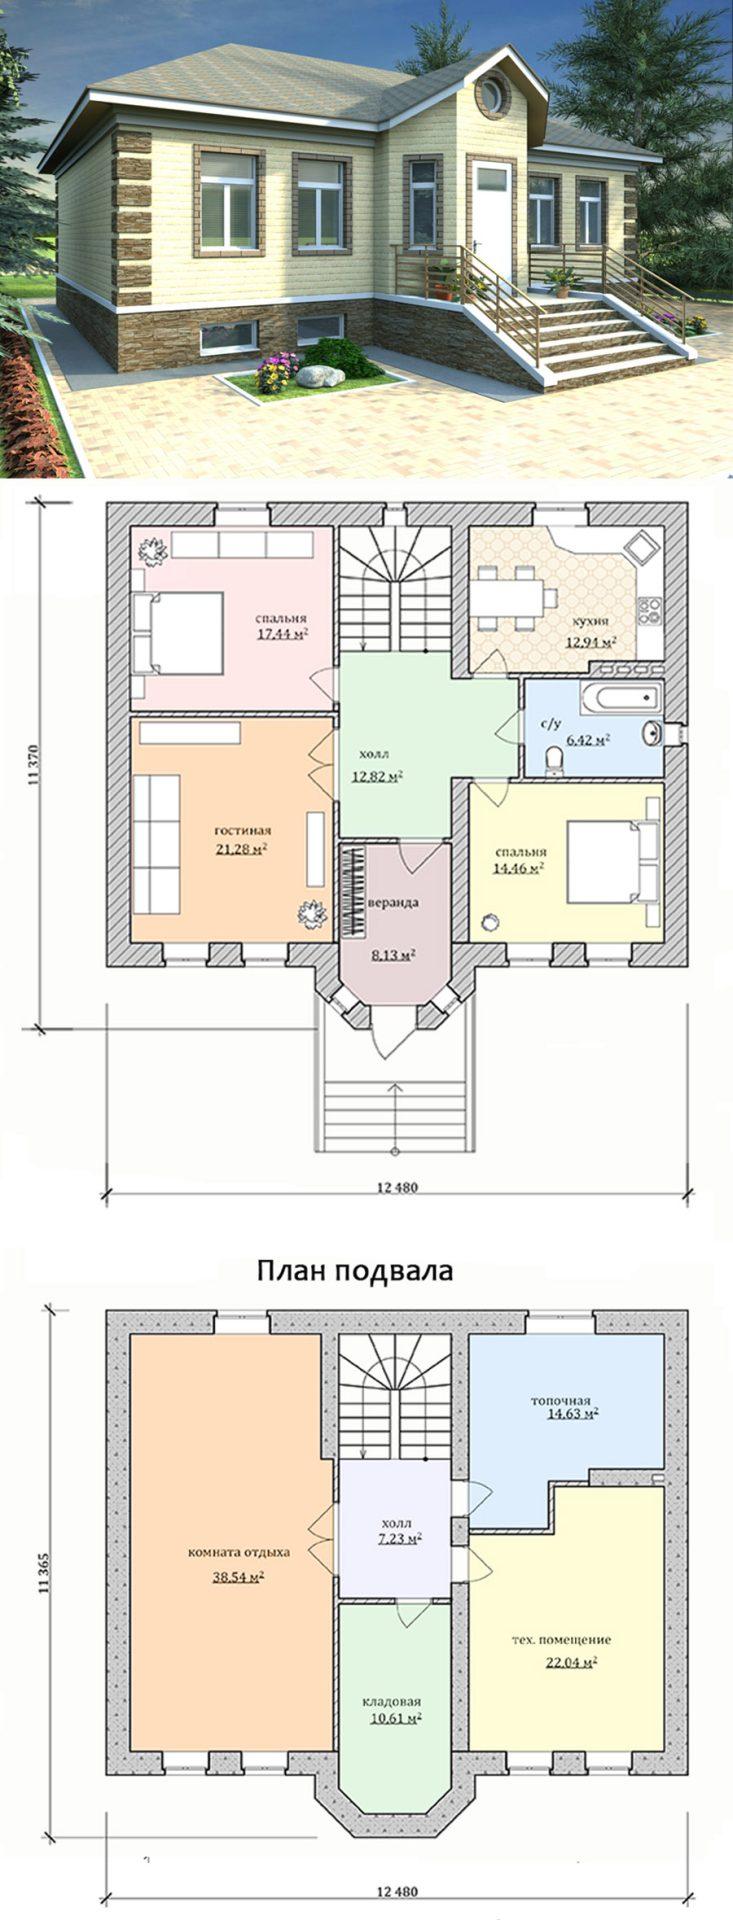 Проект одноэтажного дома с подвалом